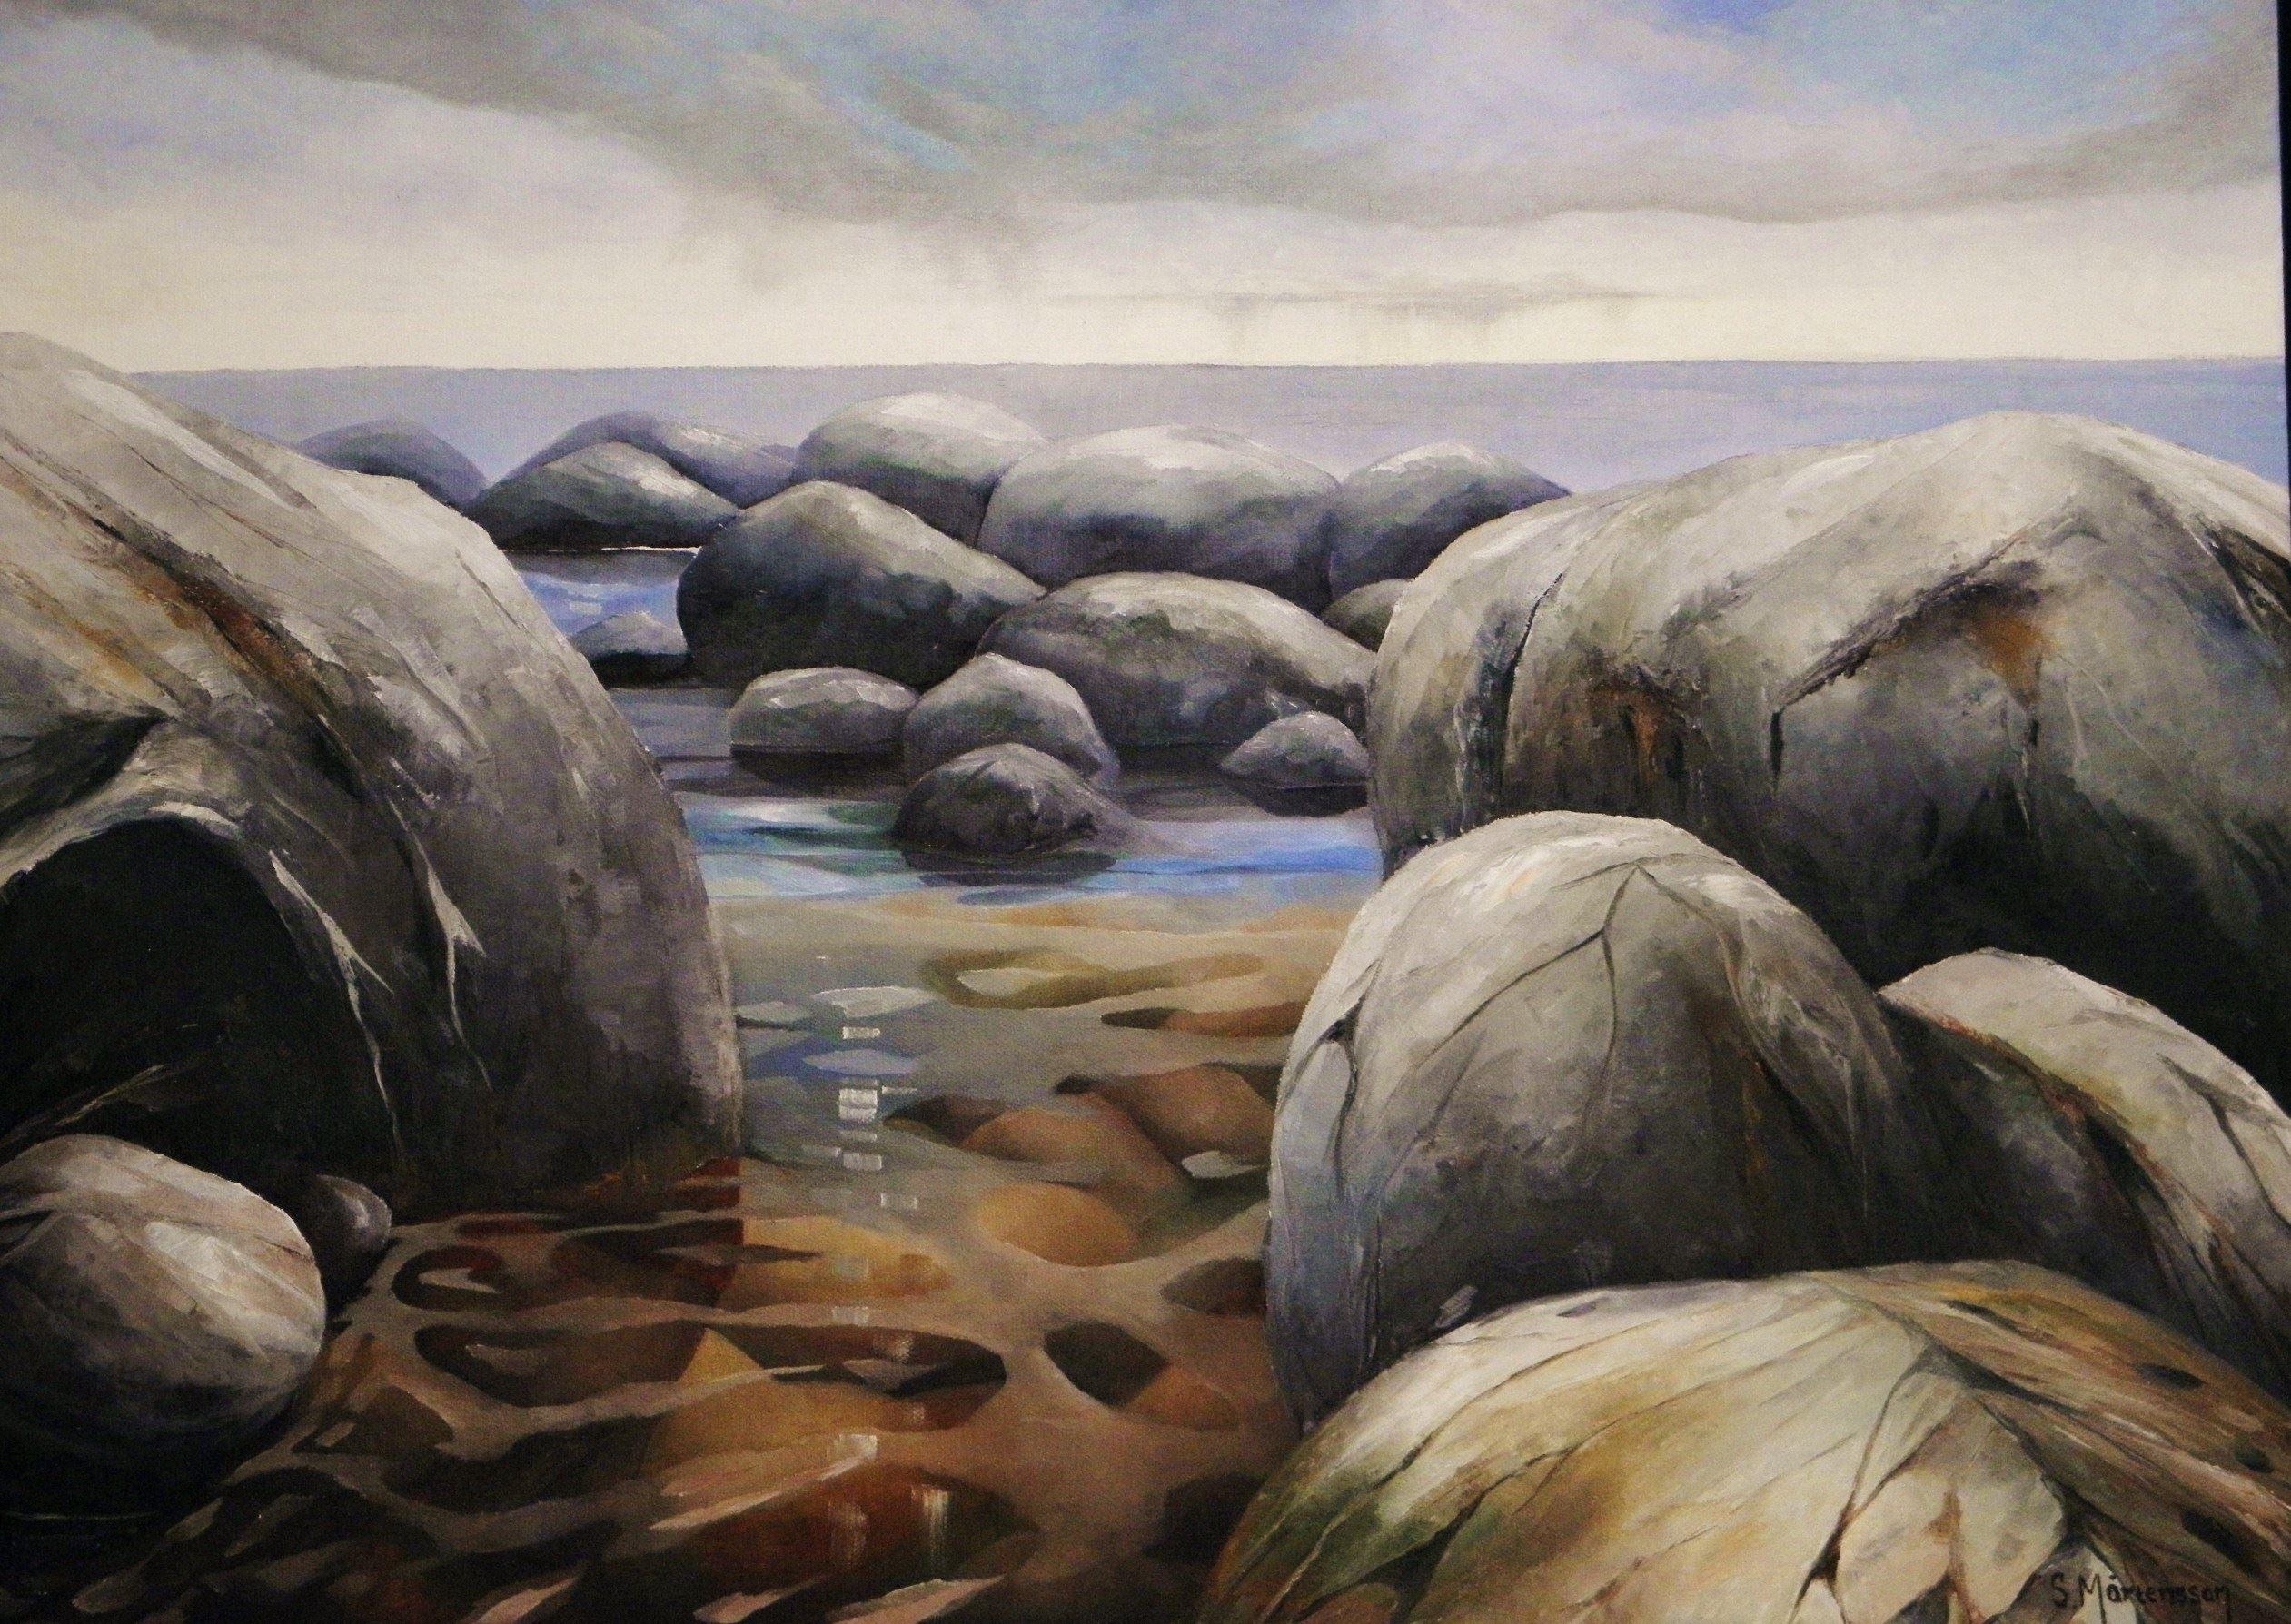 Oljemålning 50x70 cm, Stefan Mårtensson